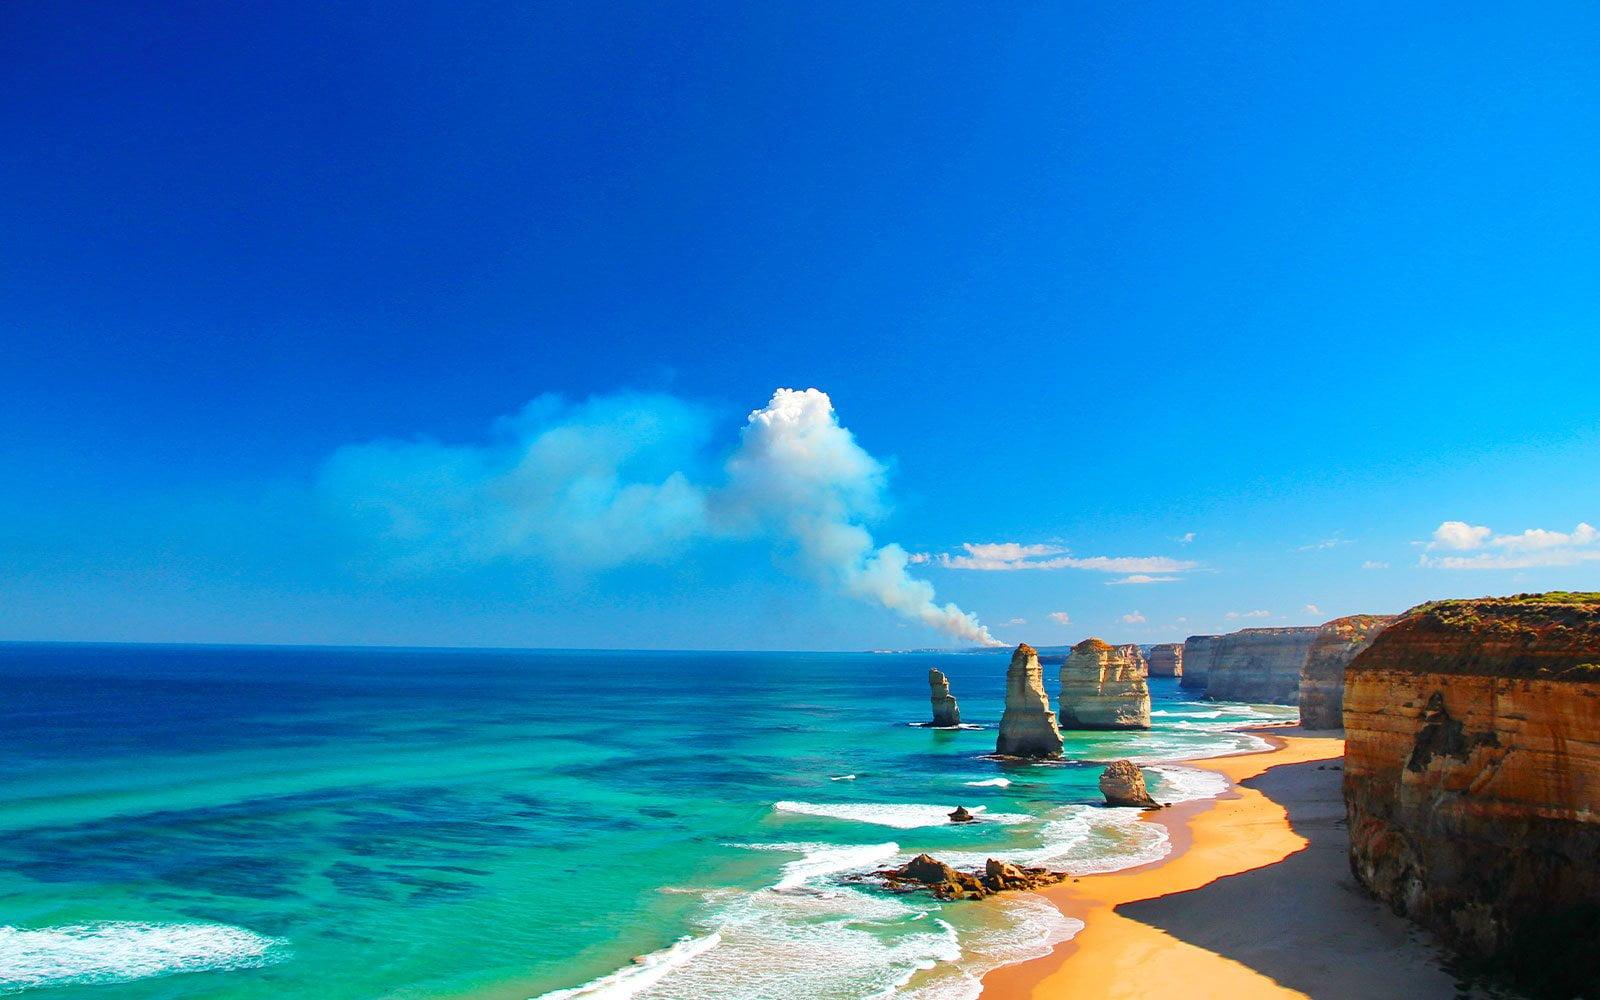 mer turquoise avec une plage de sable et des rochers